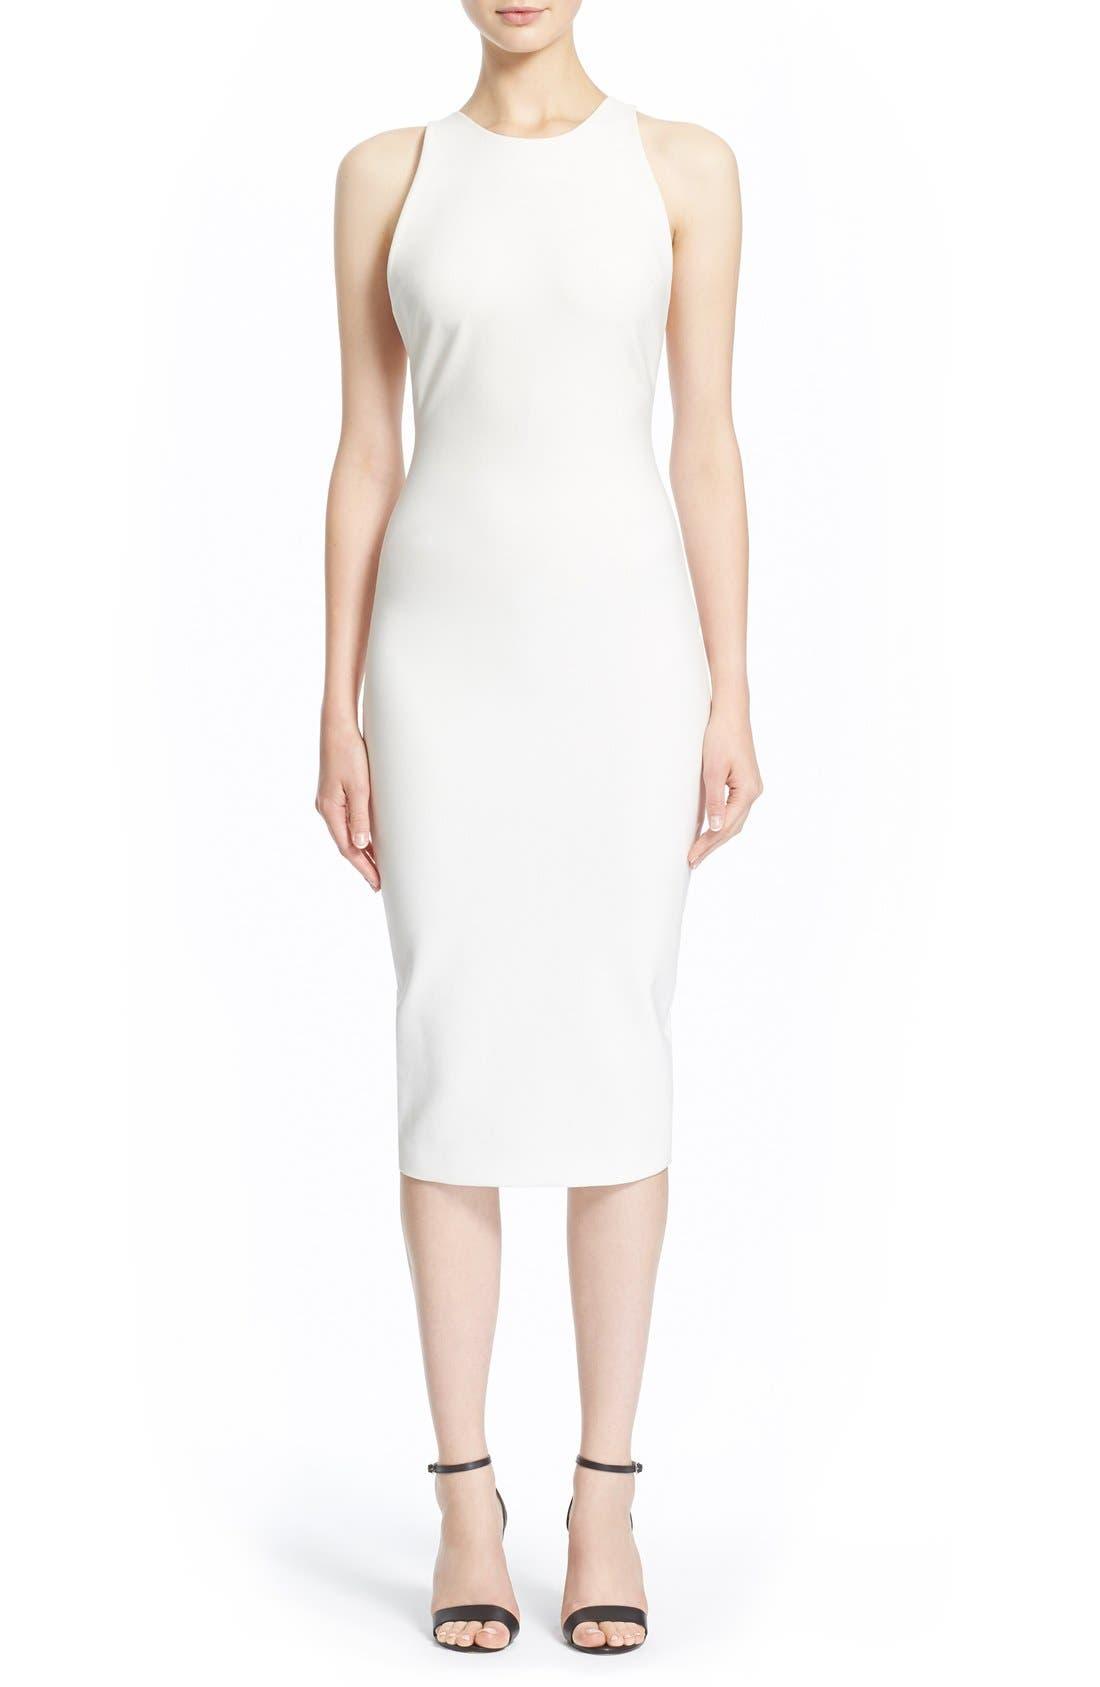 Alternate Image 1 Selected - Elizabeth and James 'Darla' Dress